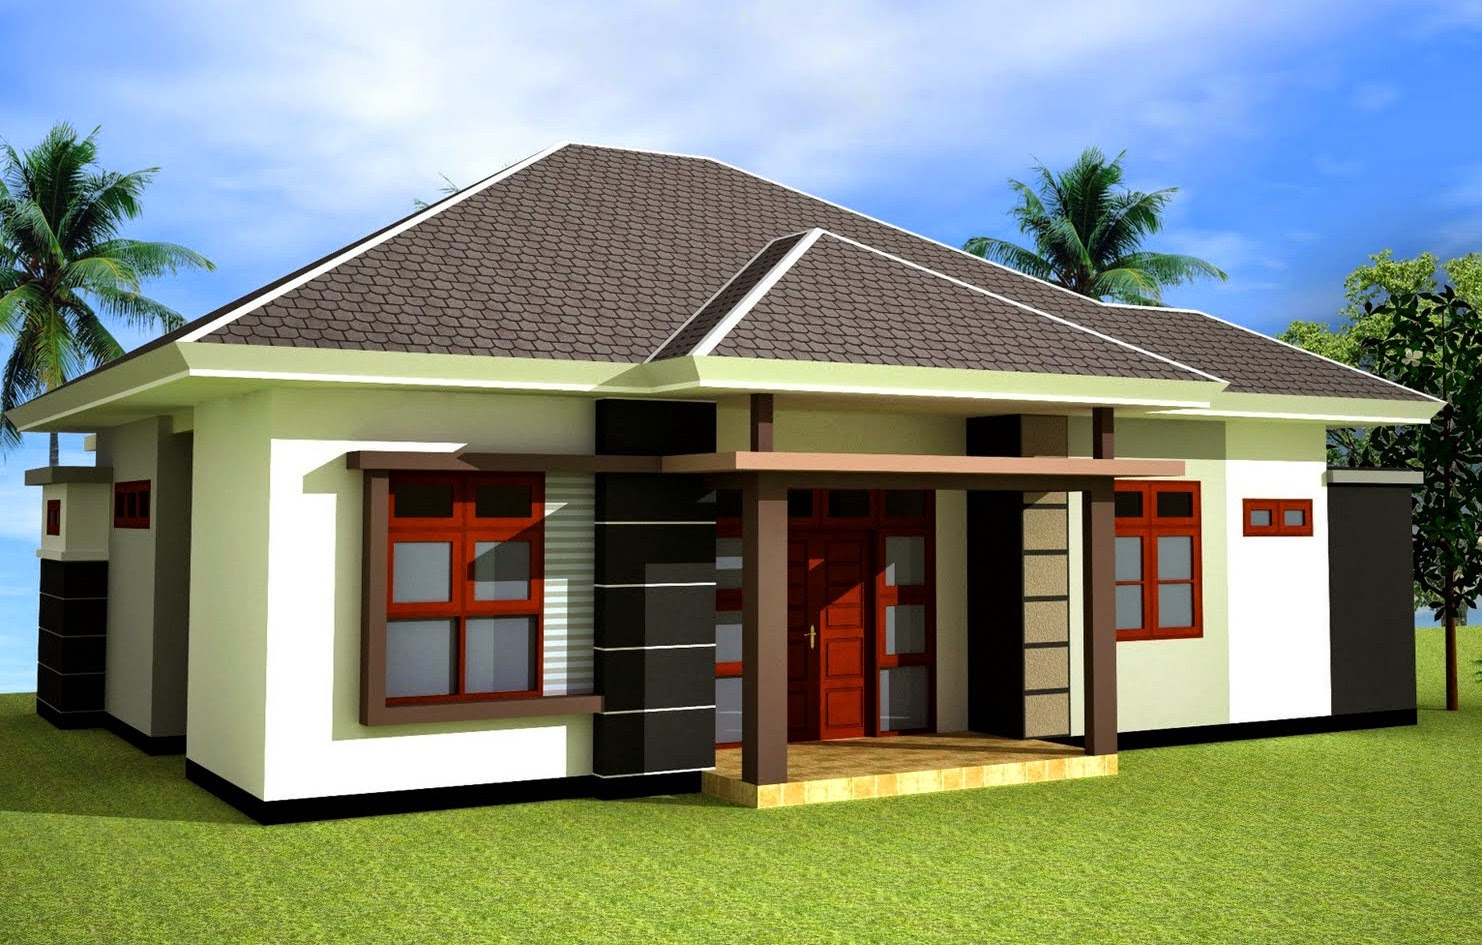 Gambar model atap rumah limas mewah type 360 terbaru ...